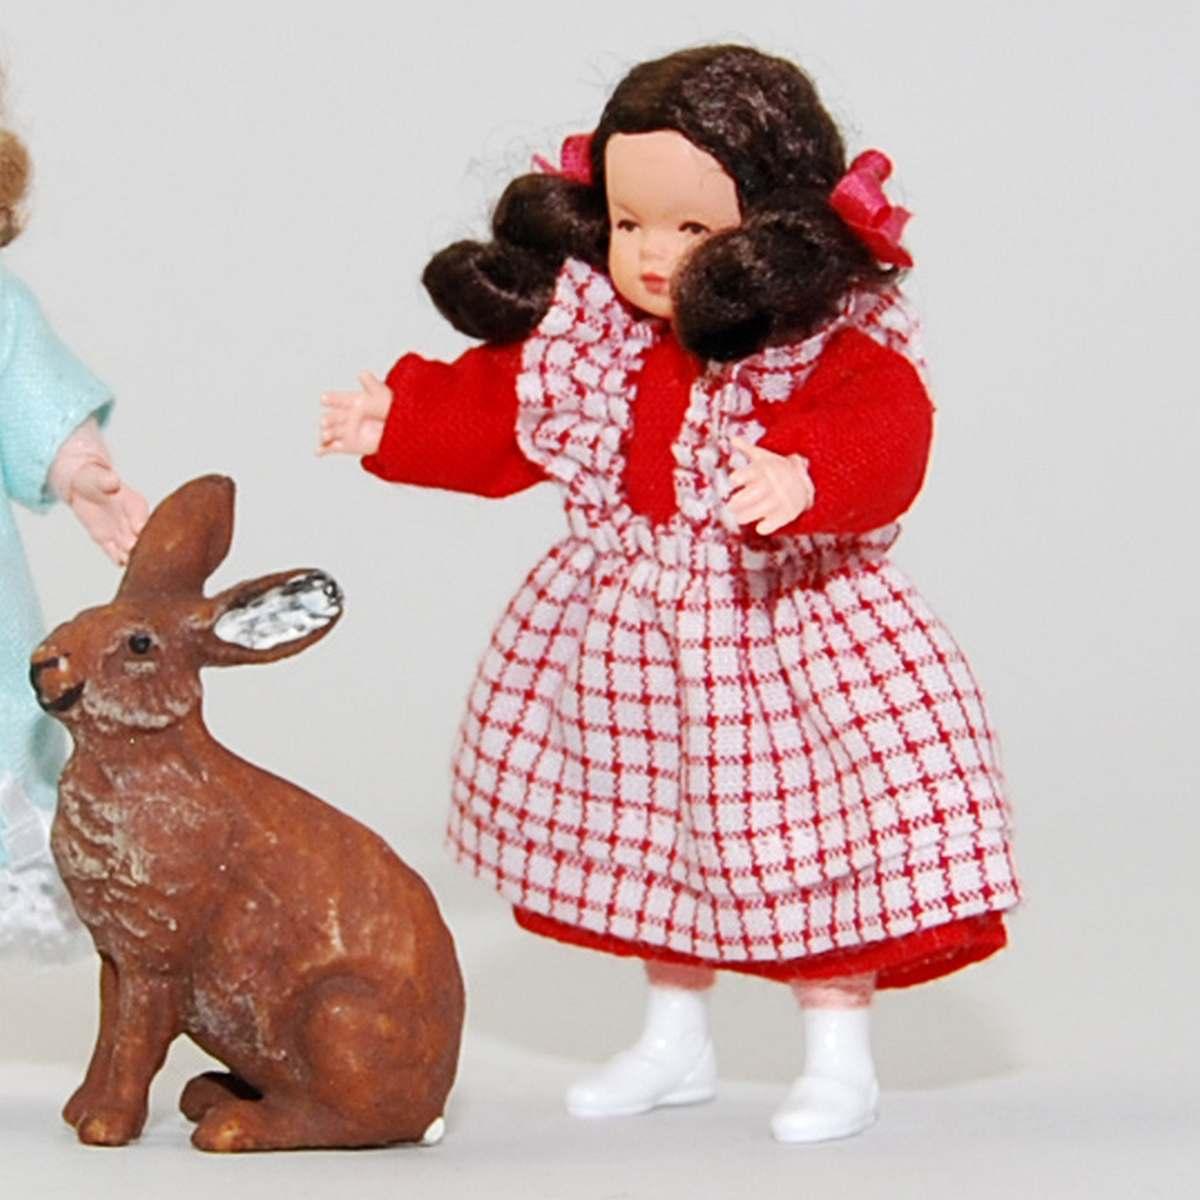 Mädchen im rot-karierten Kleid